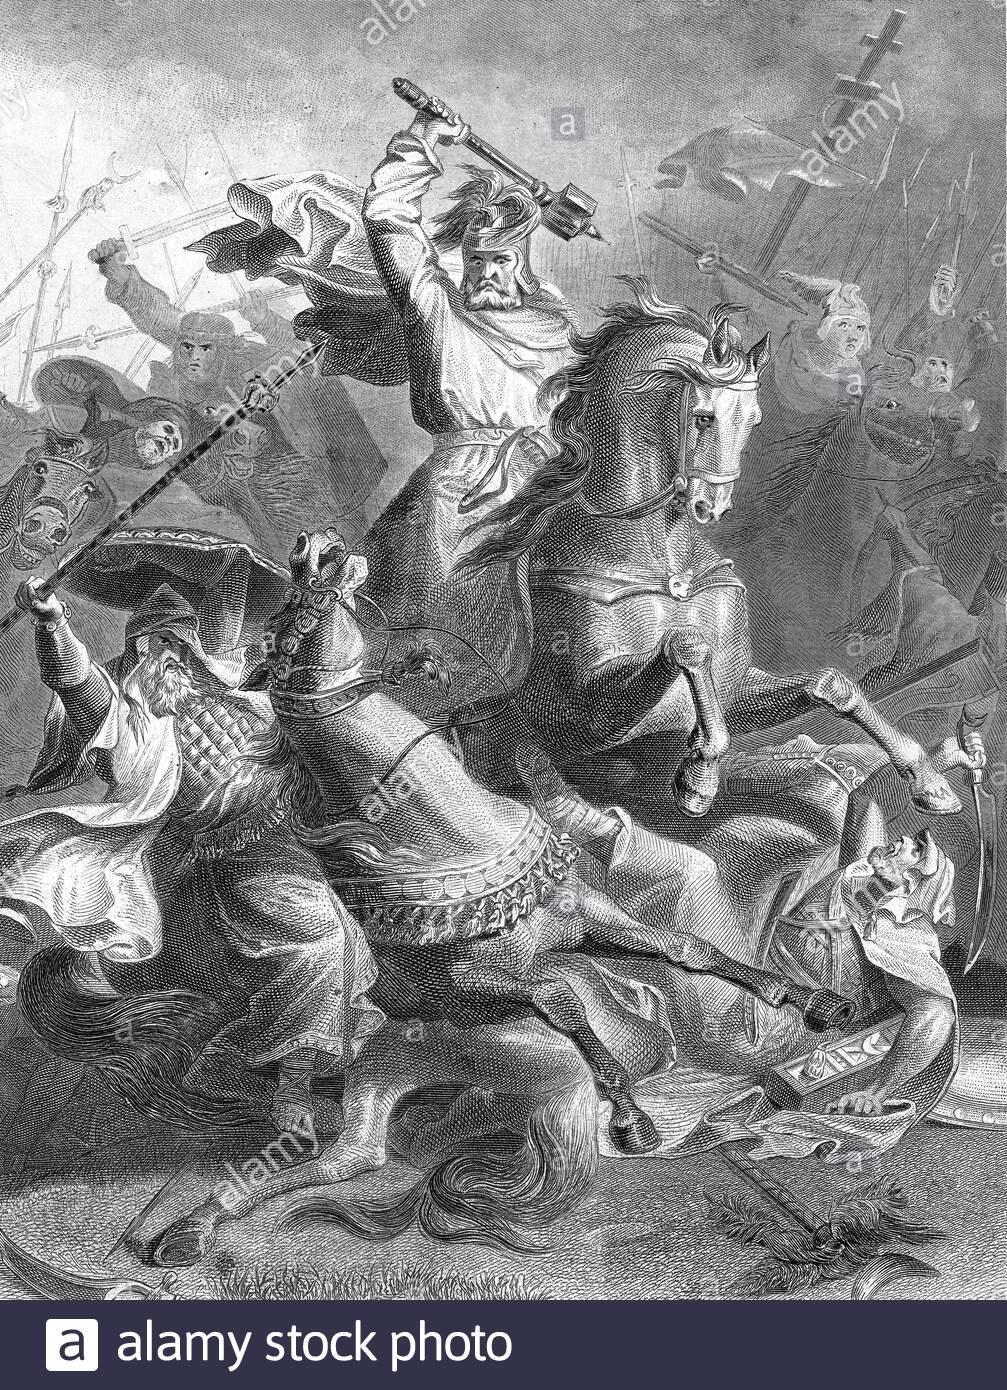 charles-martel-batalla-de-tours-732-2bdy3jd.jpg